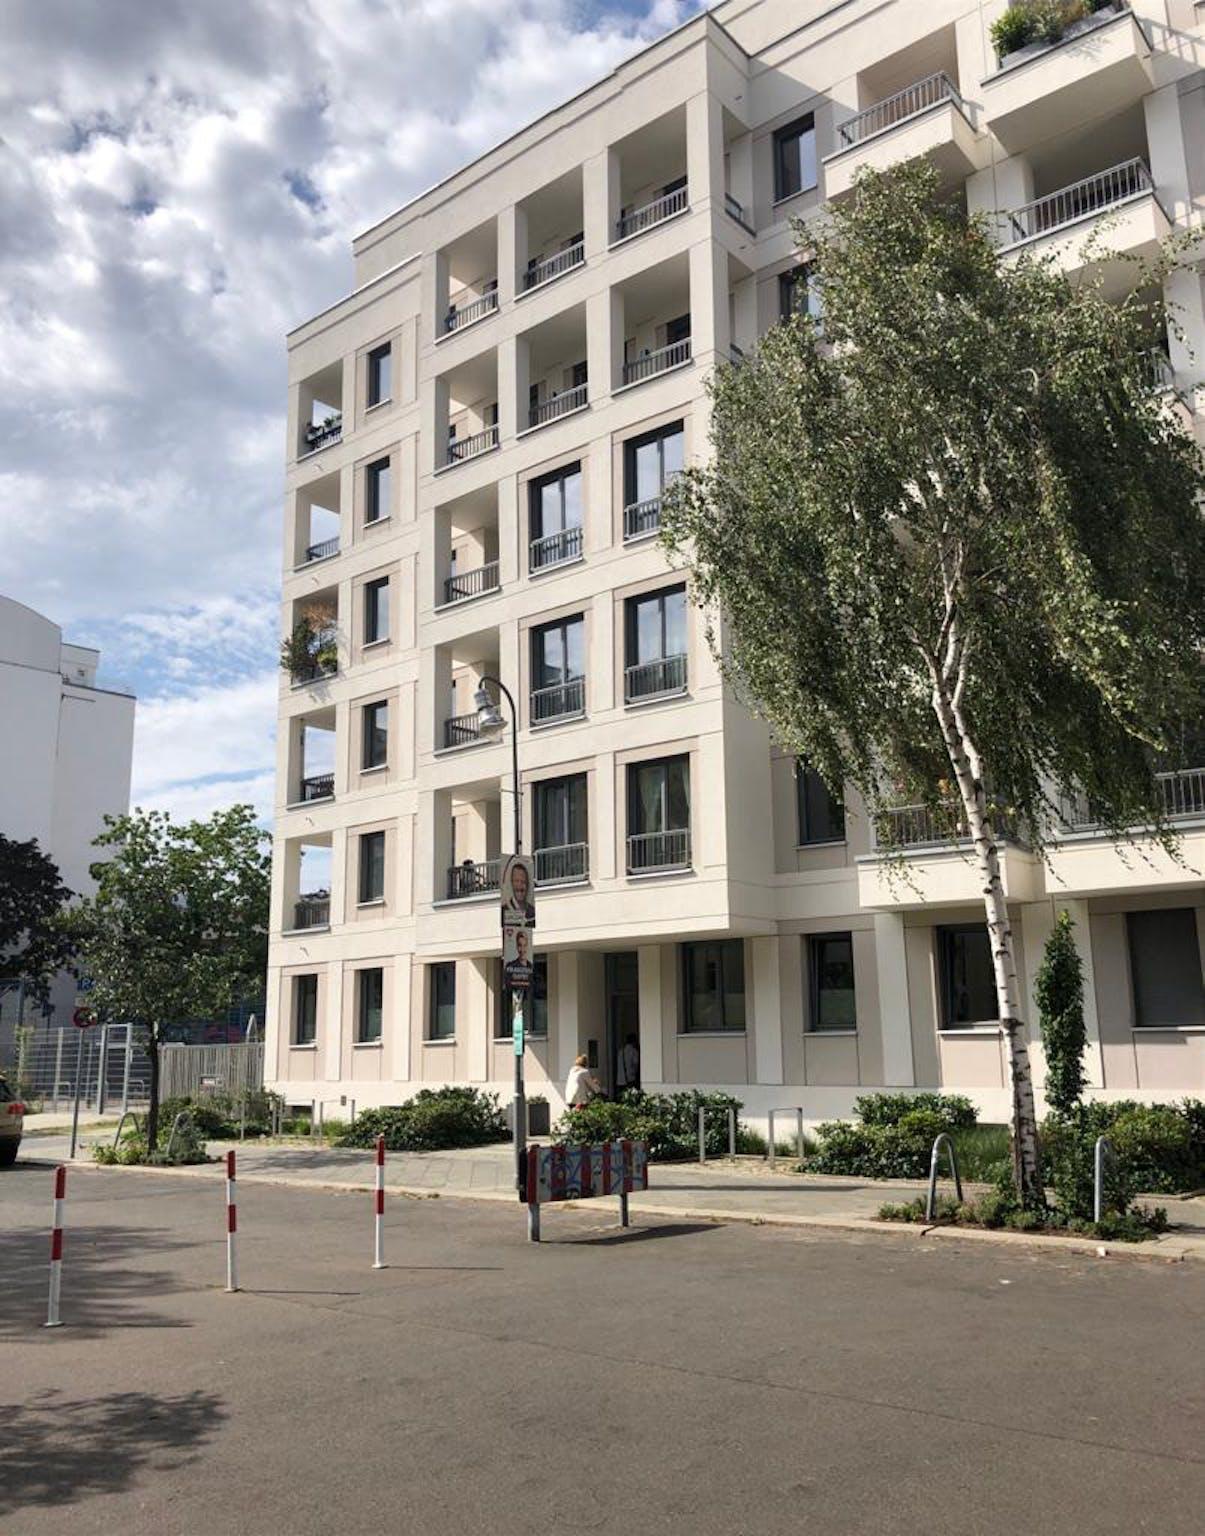 Else-Lasker-Schüler-Straße